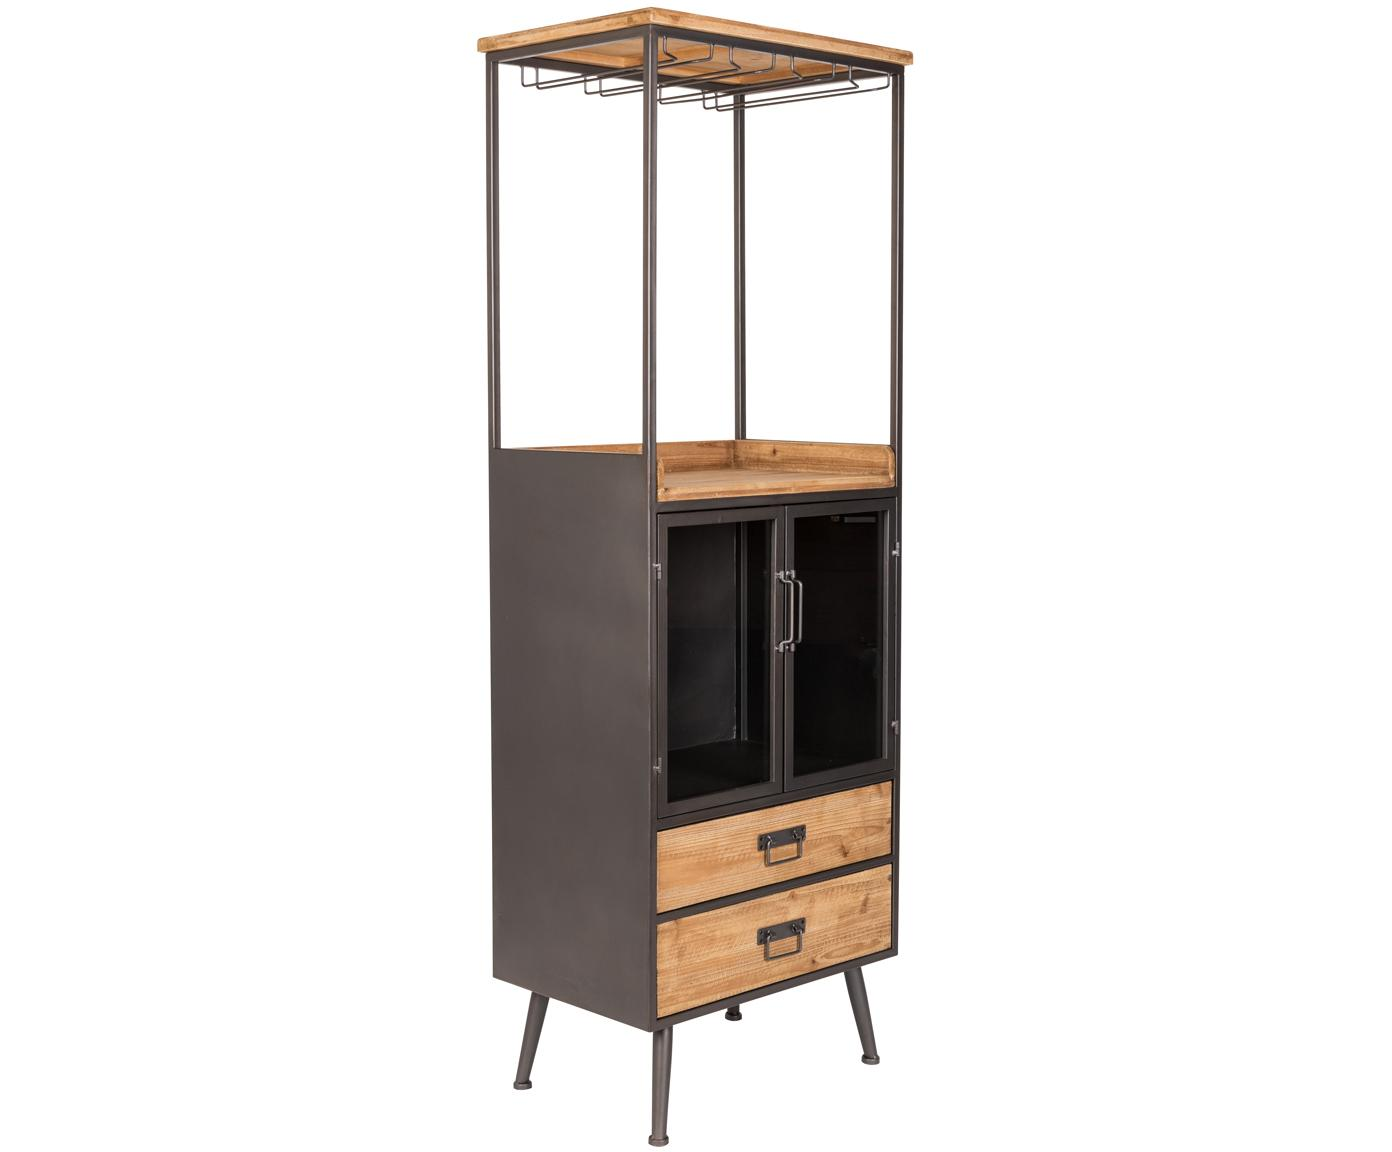 Wijnrek Damian van hout en metaal, Kast, lades: dennenhoutkleurig. Frame, handvatten, wijnglashouder: grijs, 60 x 171 cm